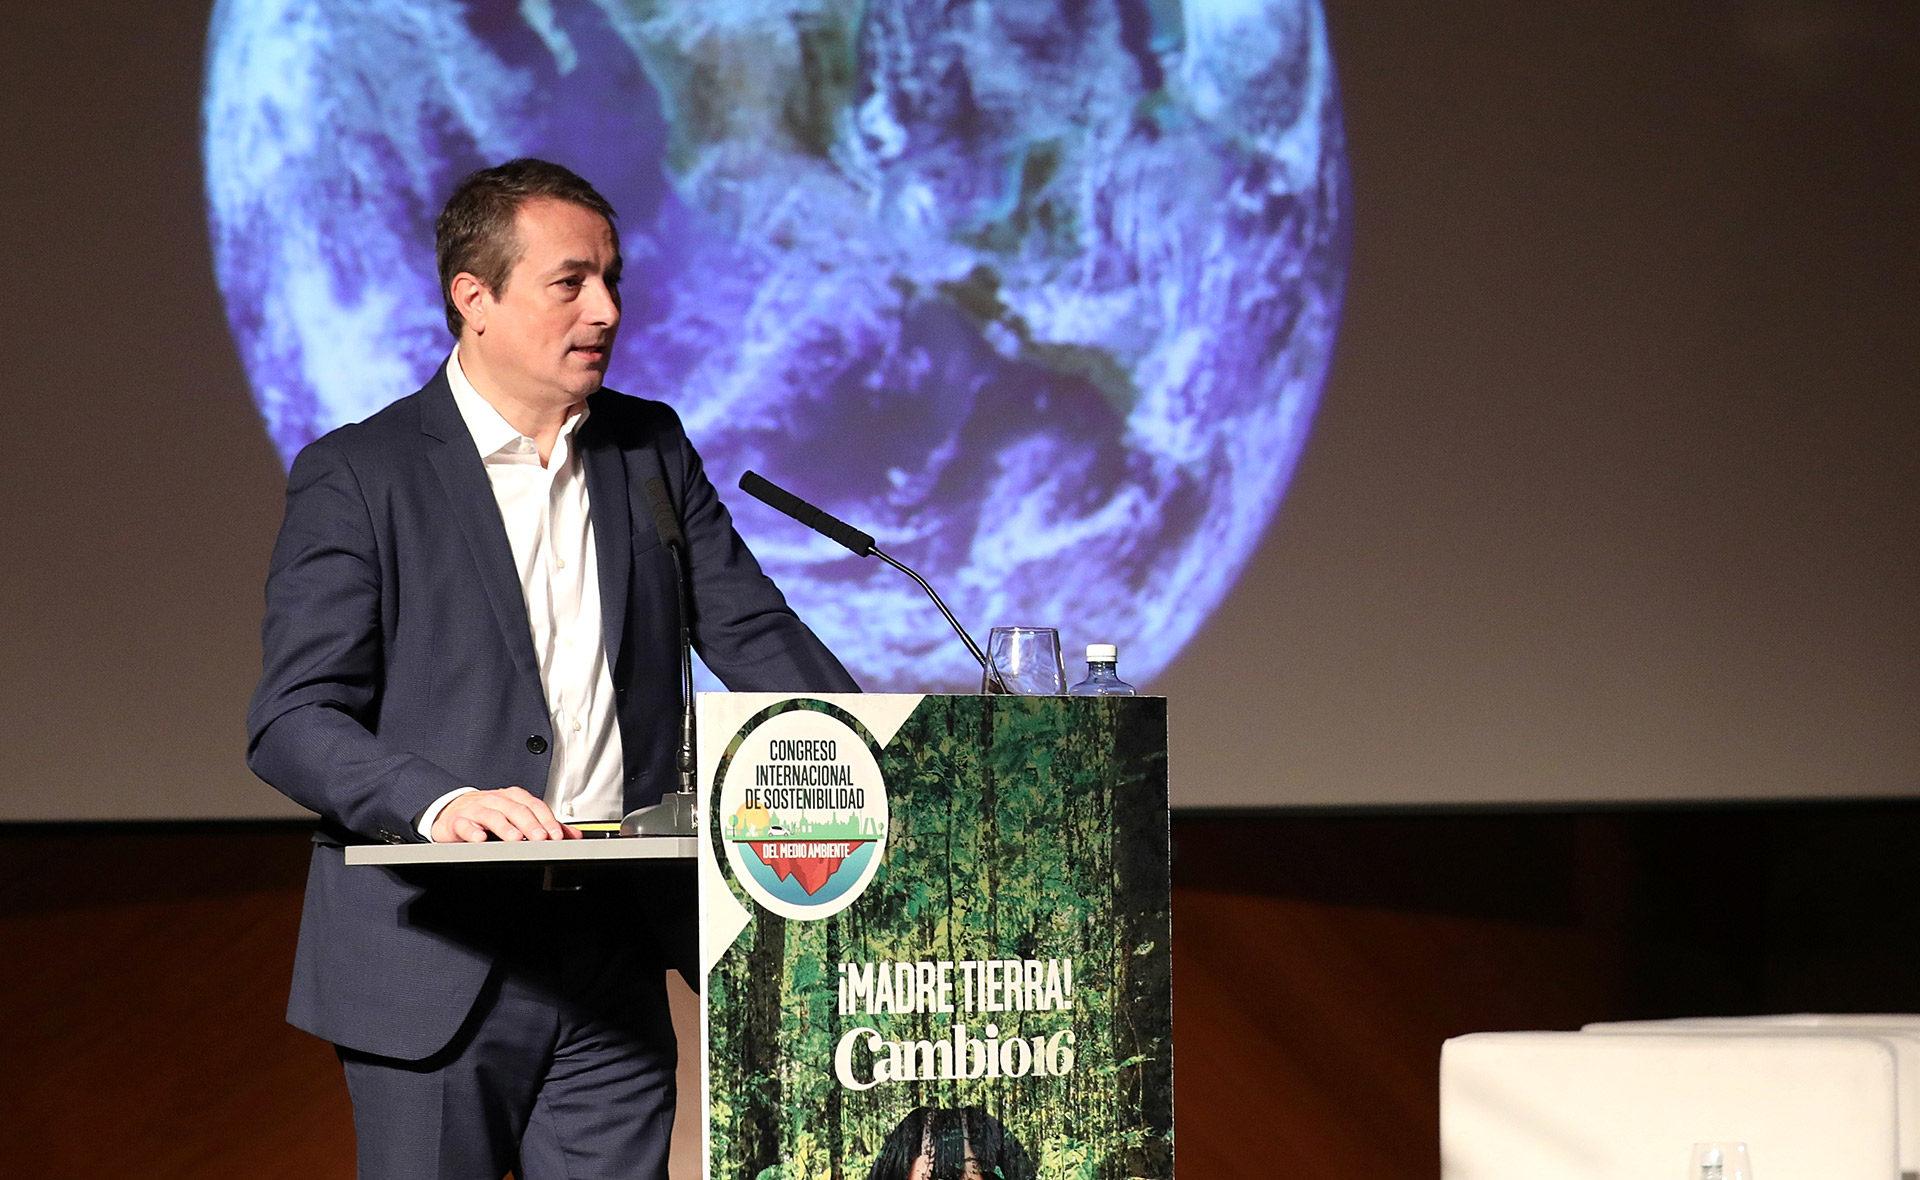 BBVA-Congreso-Internacional-de-Sostenibilidad-Toni Ballabriga-tierra-Cambio16-planeta